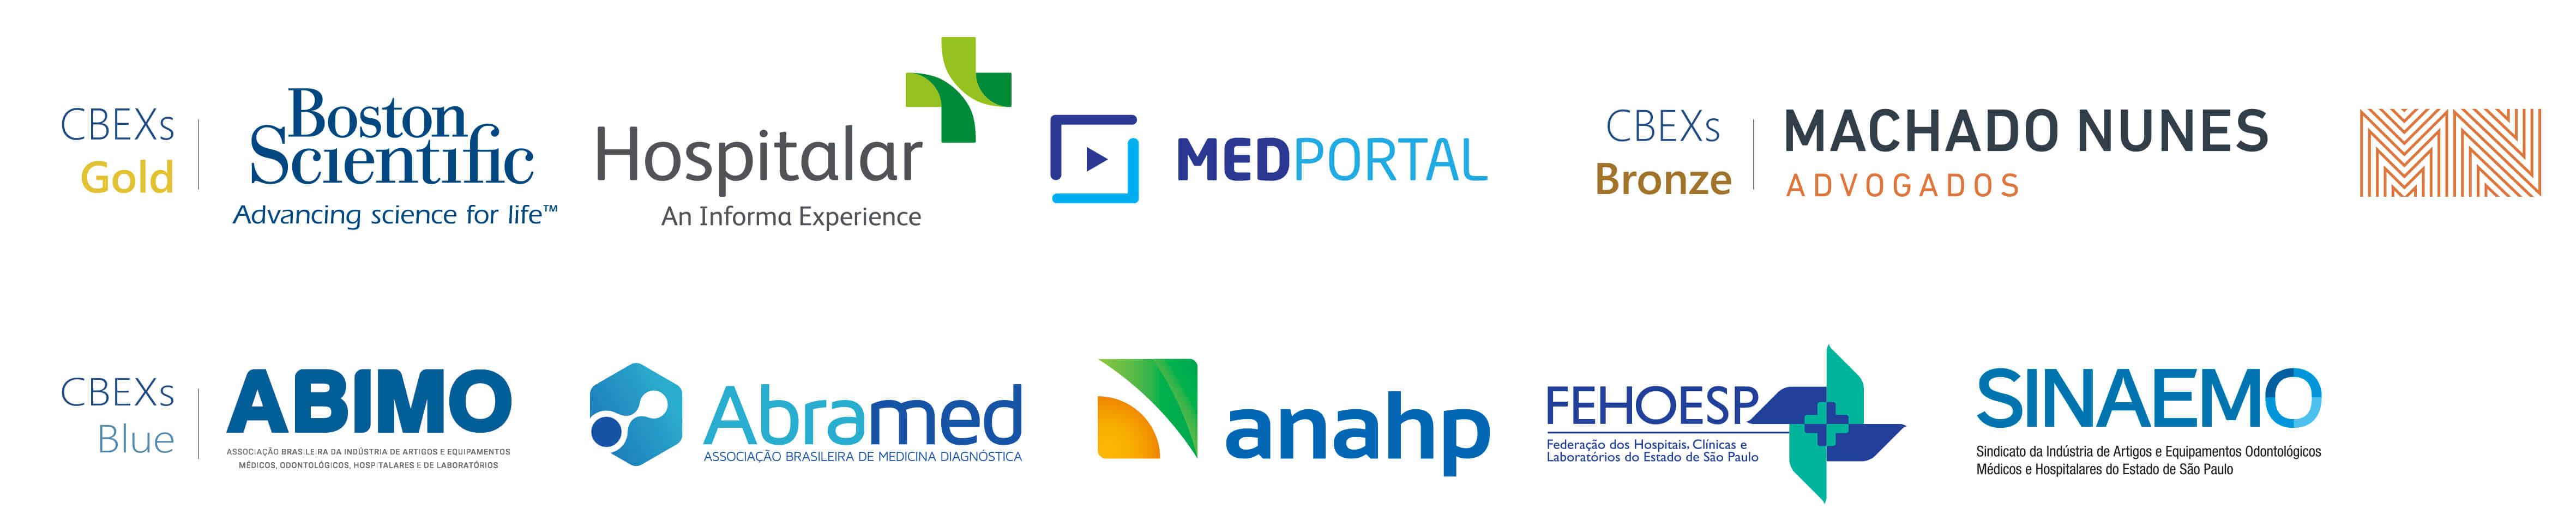 Logos_patrocinadores